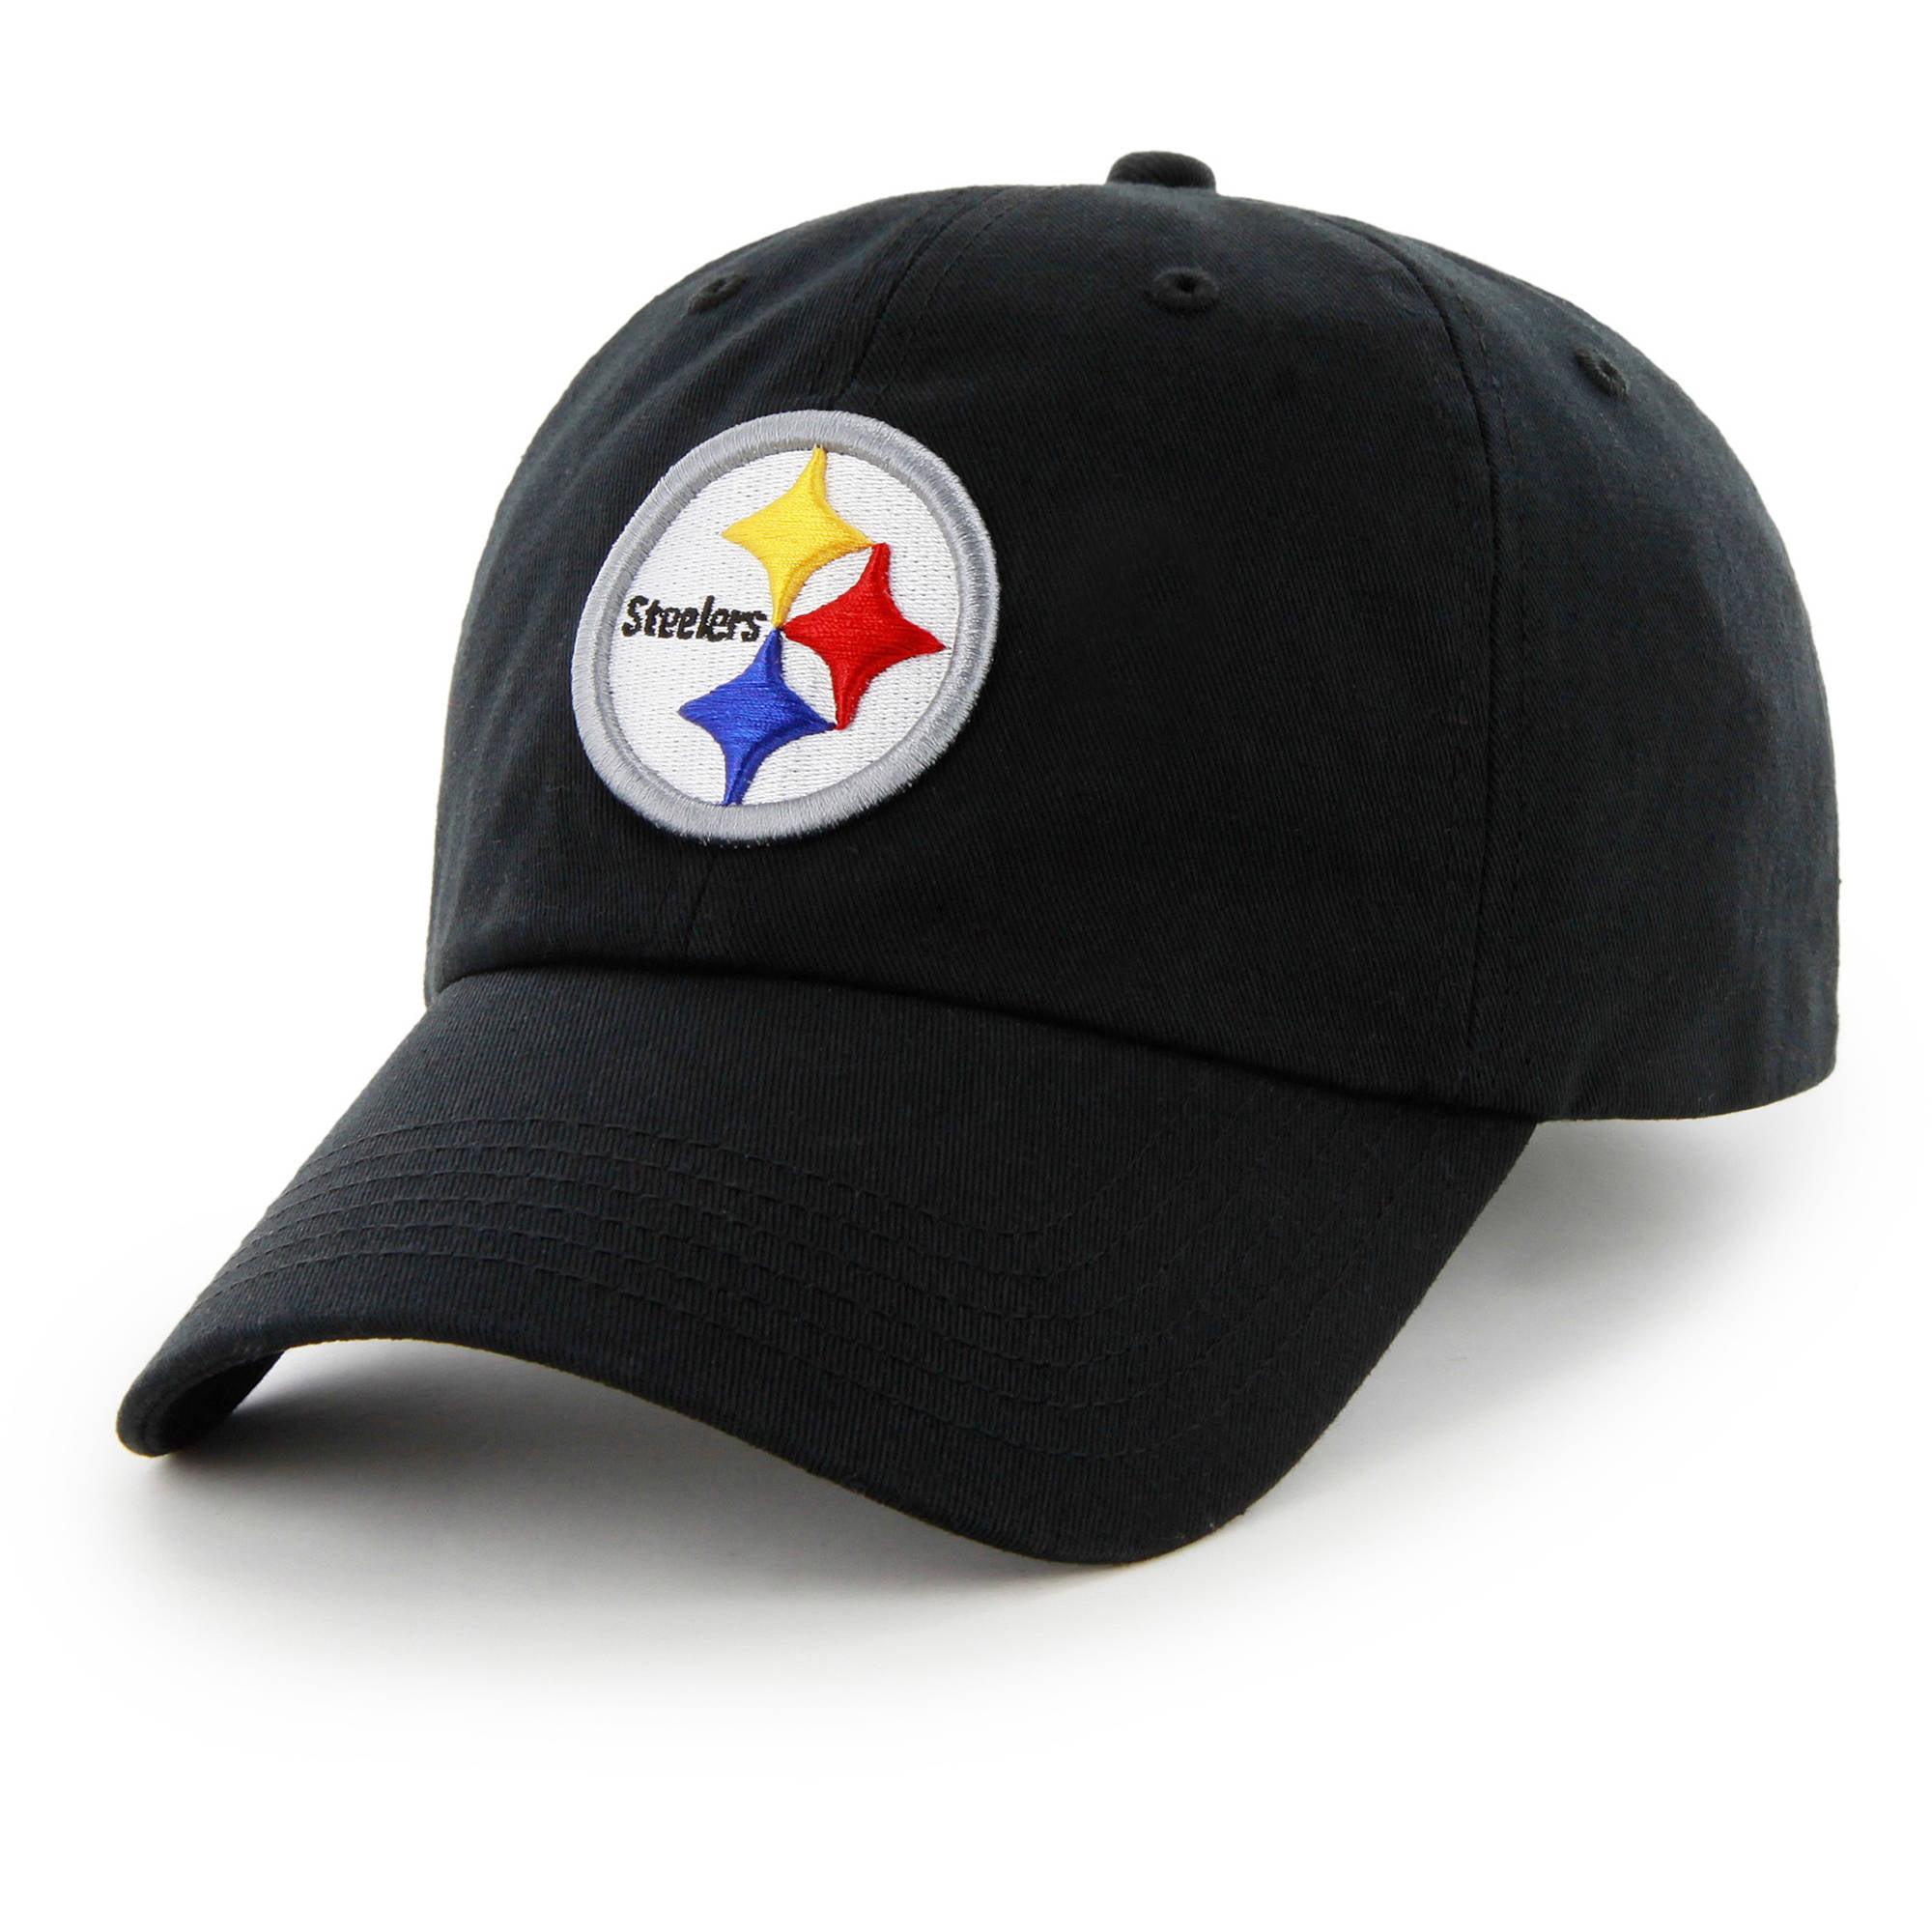 d8acf2a08b4 NFL Oakland Raiders Mass Blackball Cap - Fan Favorite - Walmart.com